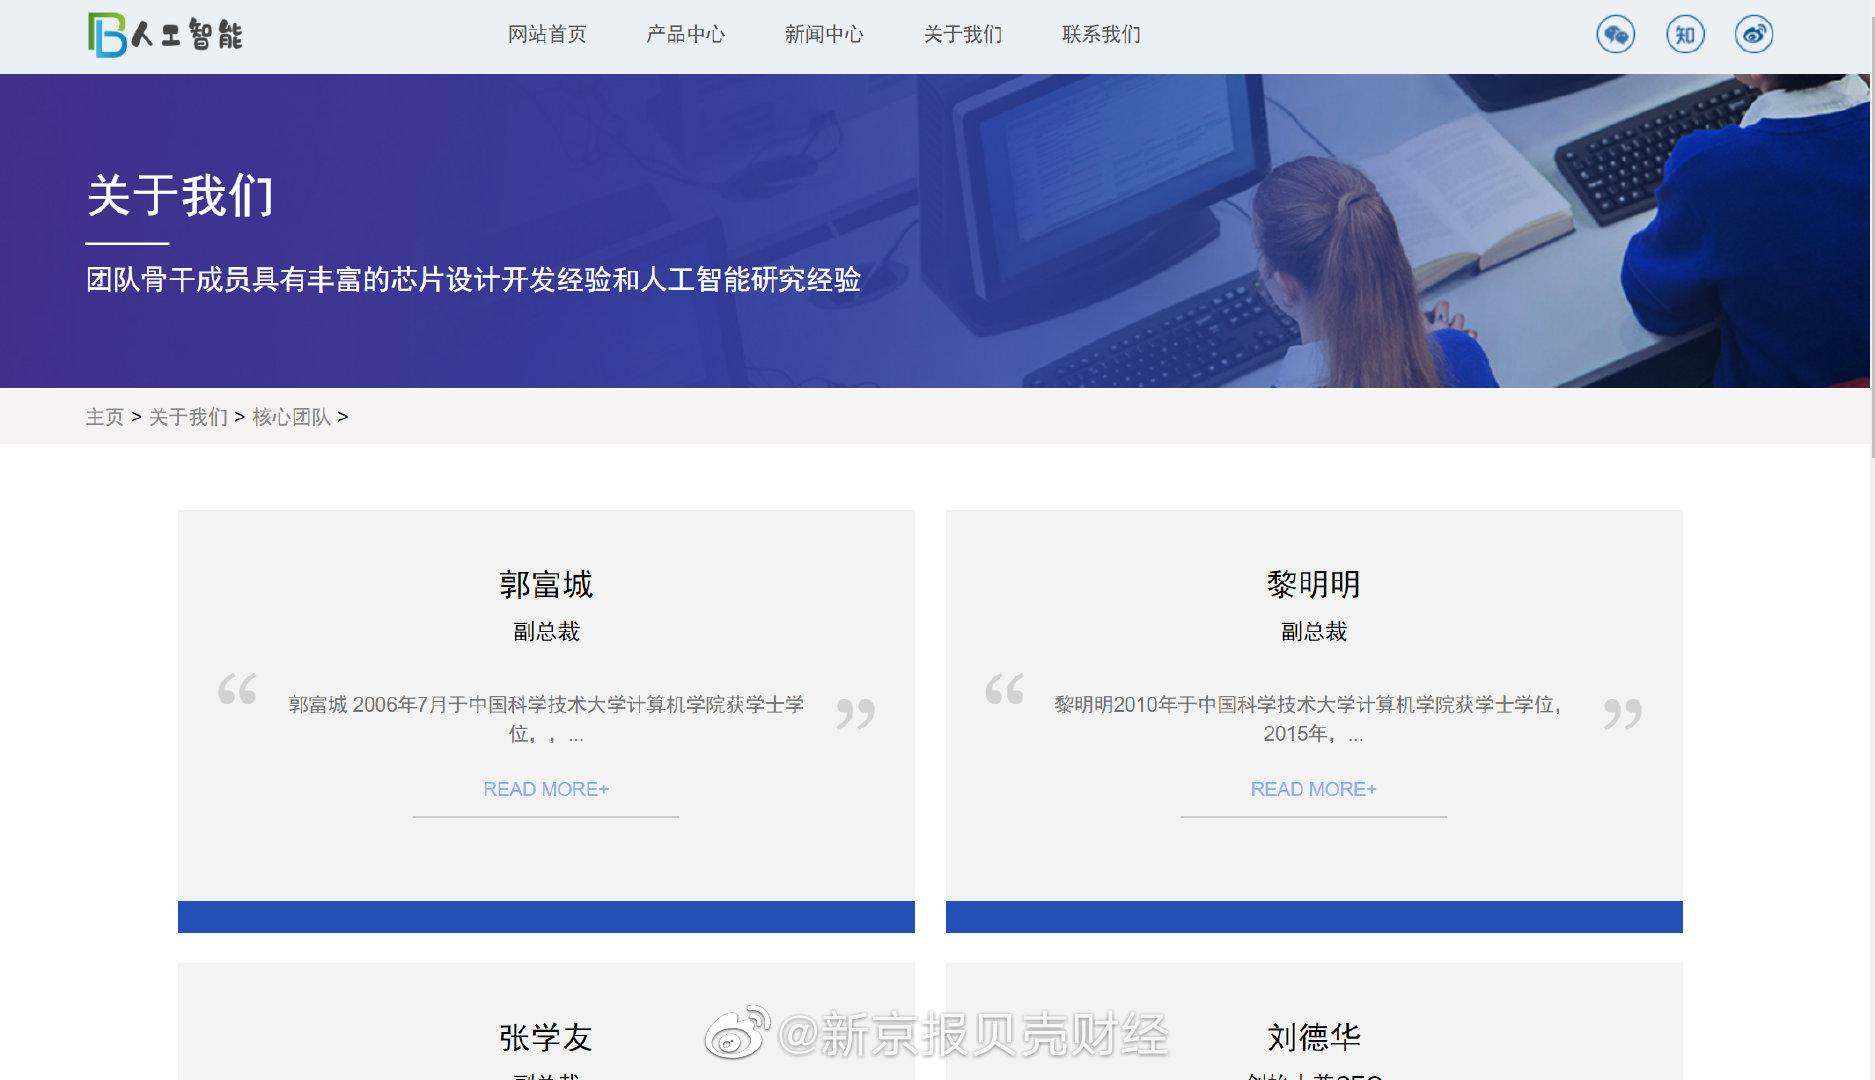 四大天王被冒名顶替刘德华郭富城等人开公司?